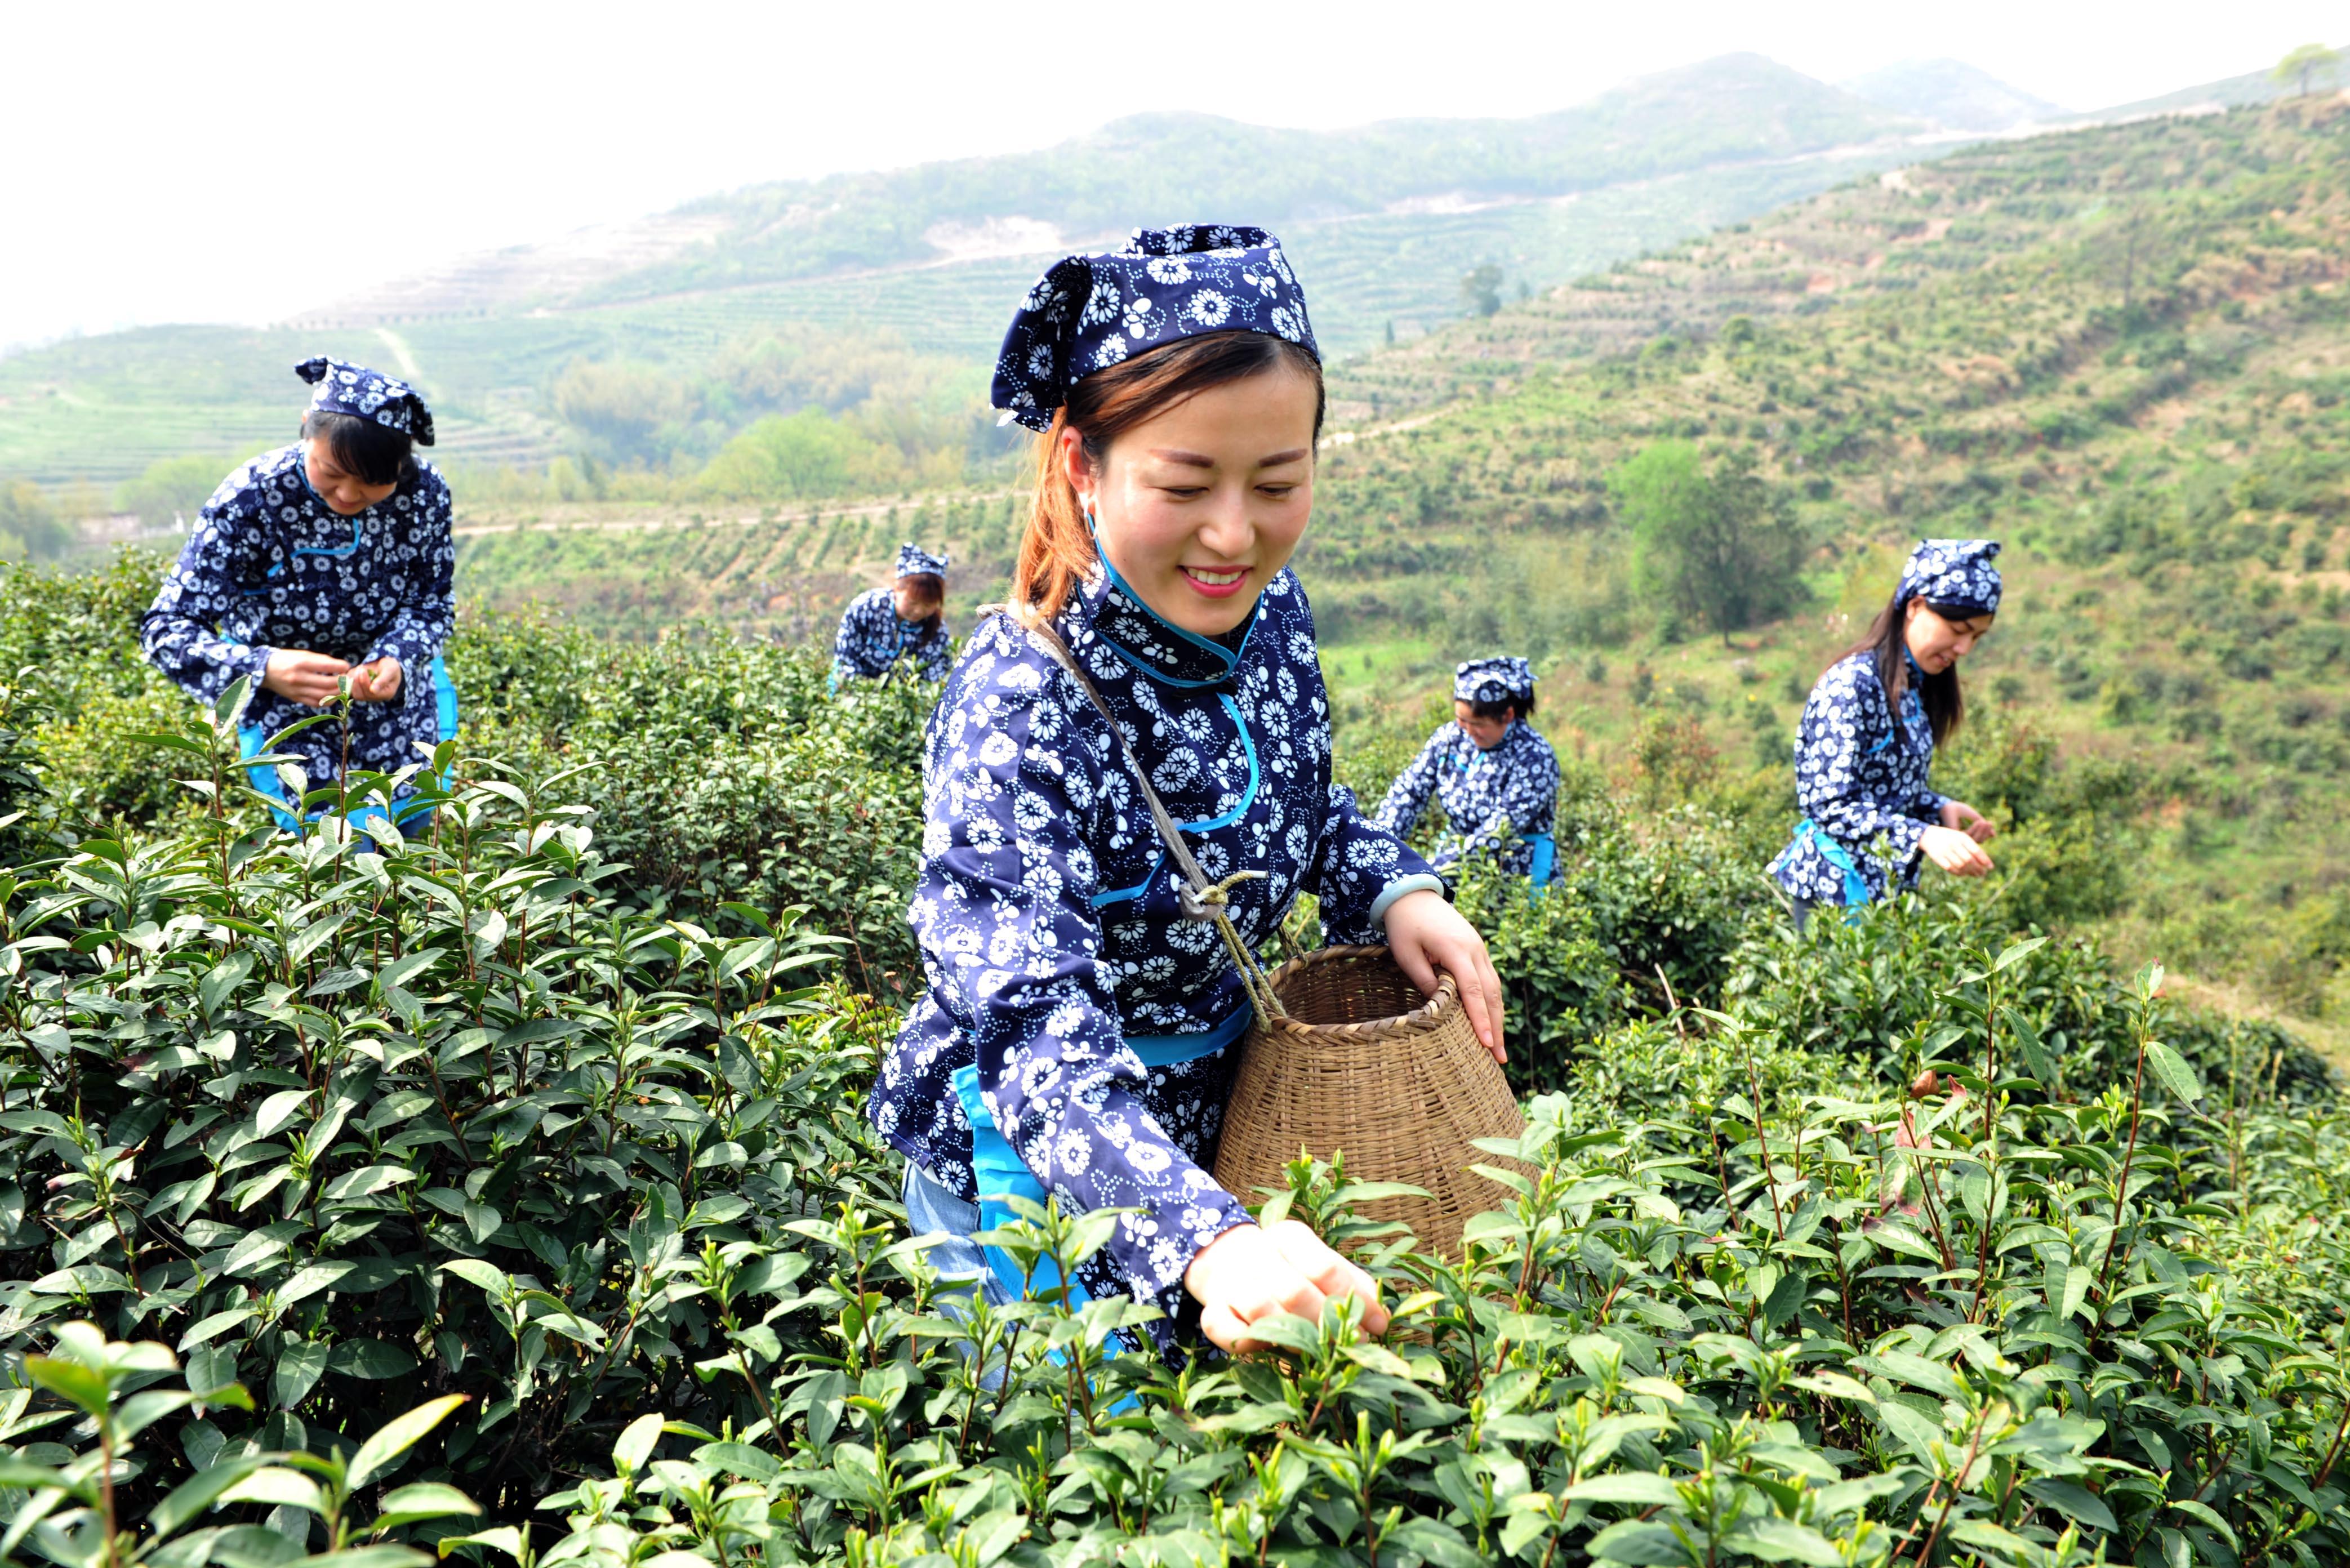 安徽庐江:龙头企业动员茶农脱贫致富